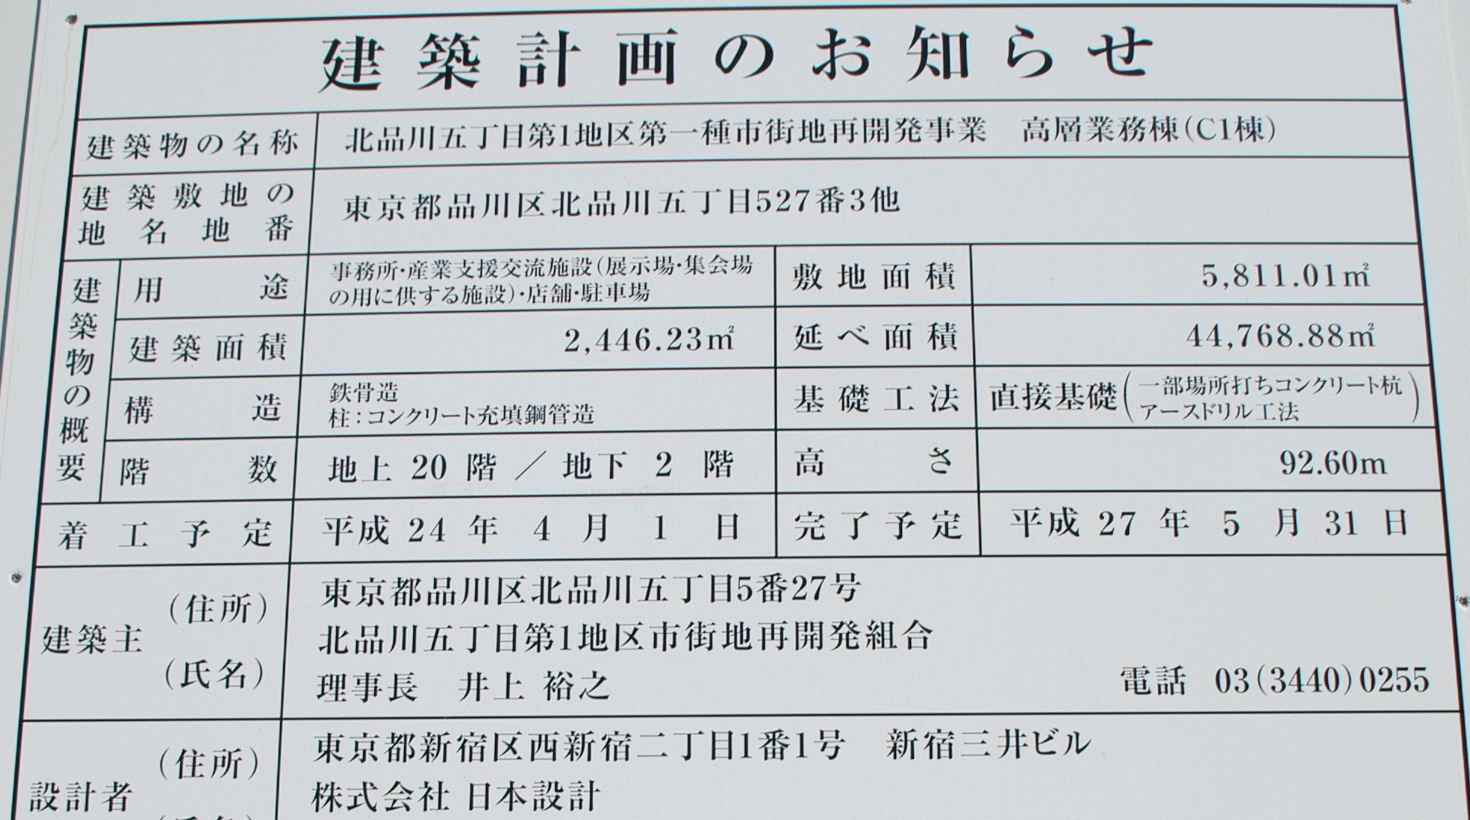 kitashinagawa0104e.jpg